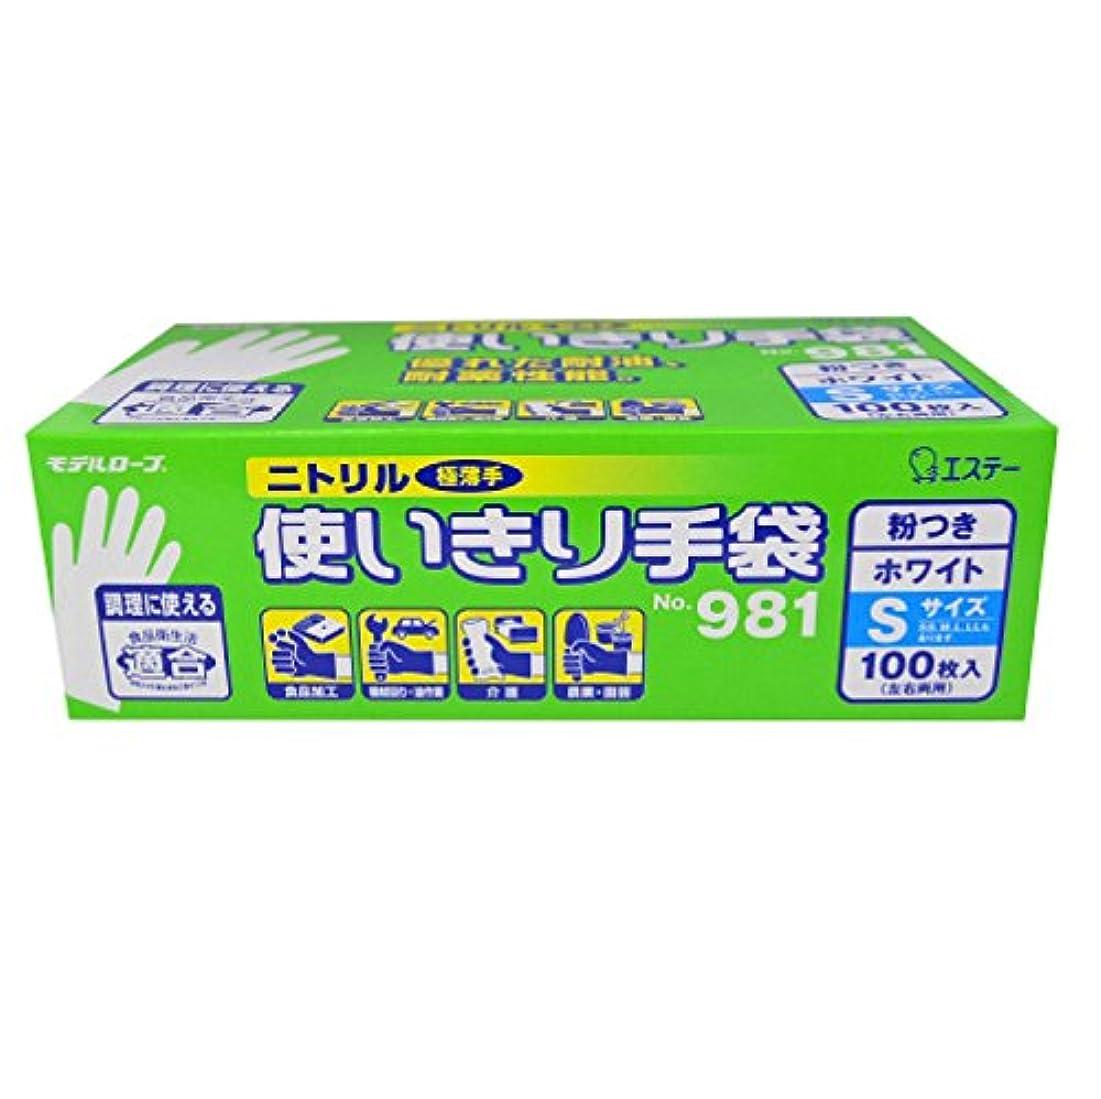 寺院通知する不器用エステー 二トリル手袋 粉付(100枚入)S ブルー No.981